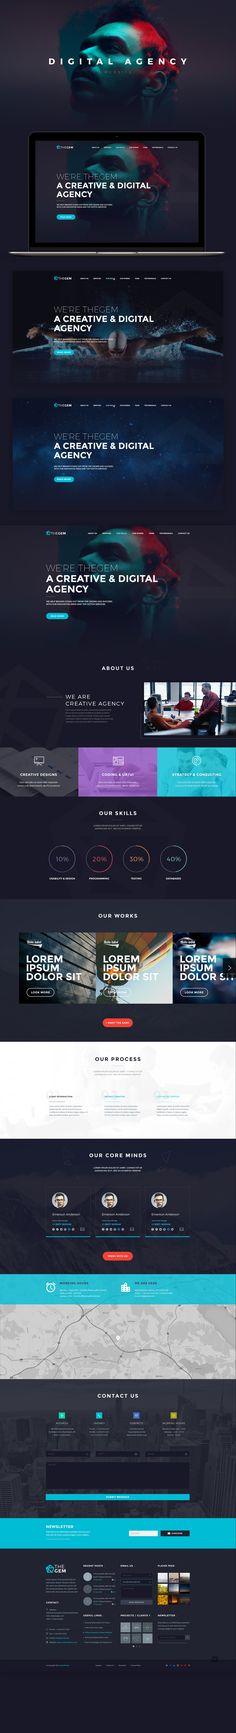 Digital agency website template.